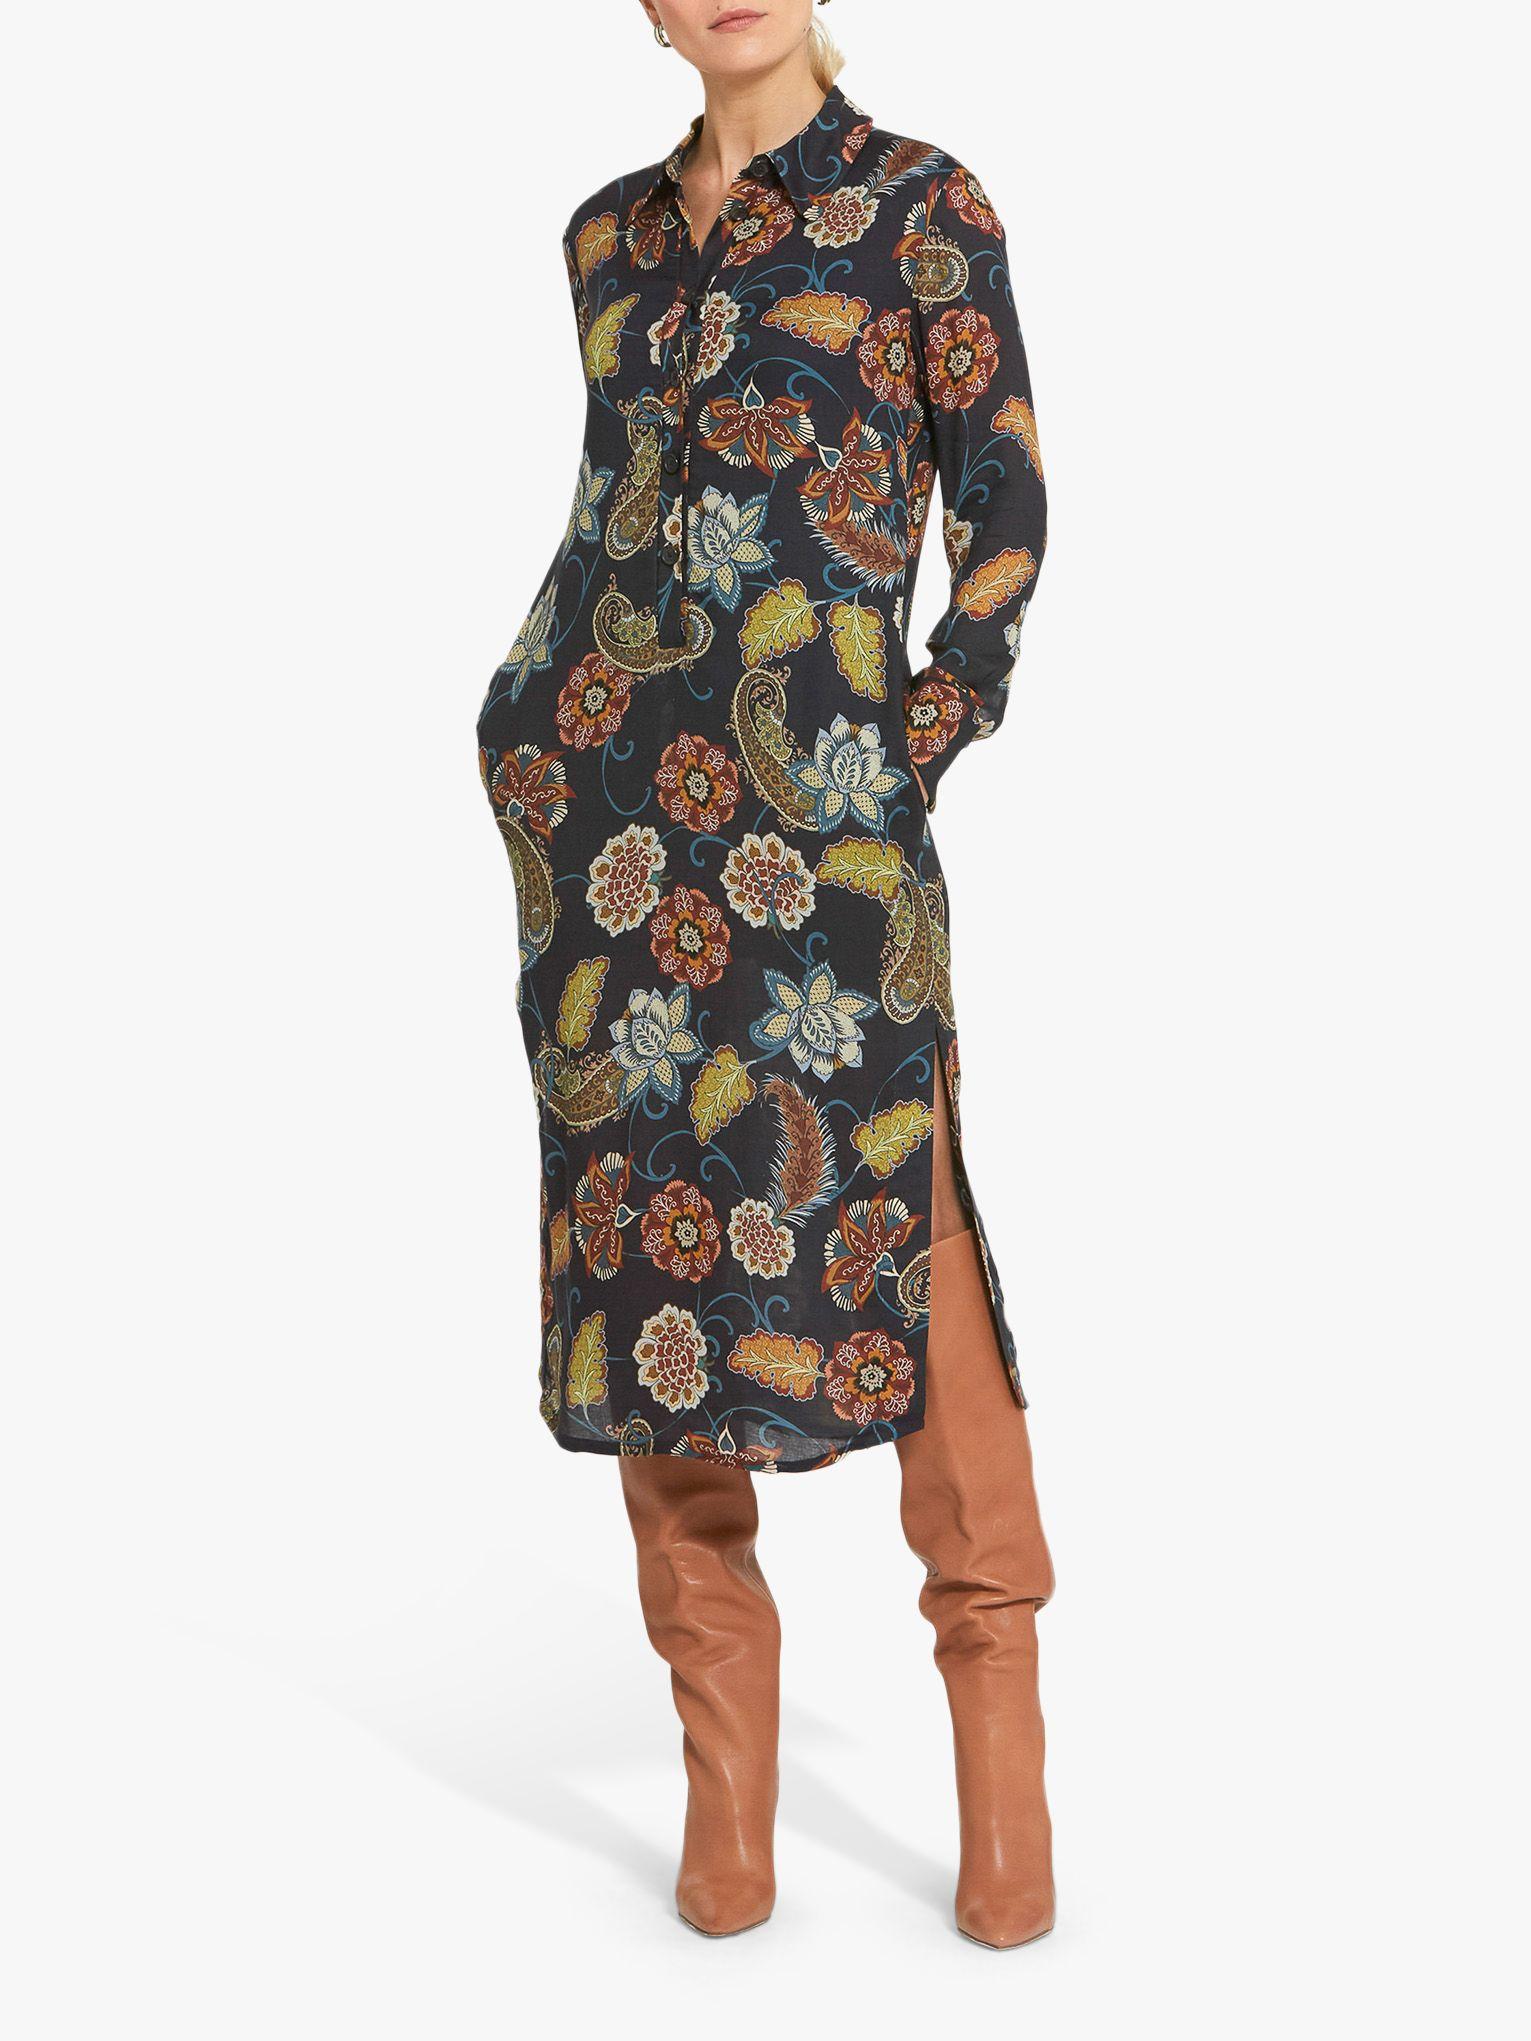 Helen McAlinden Helen McAlinden Kriss Printed Shirt Dress, Multi